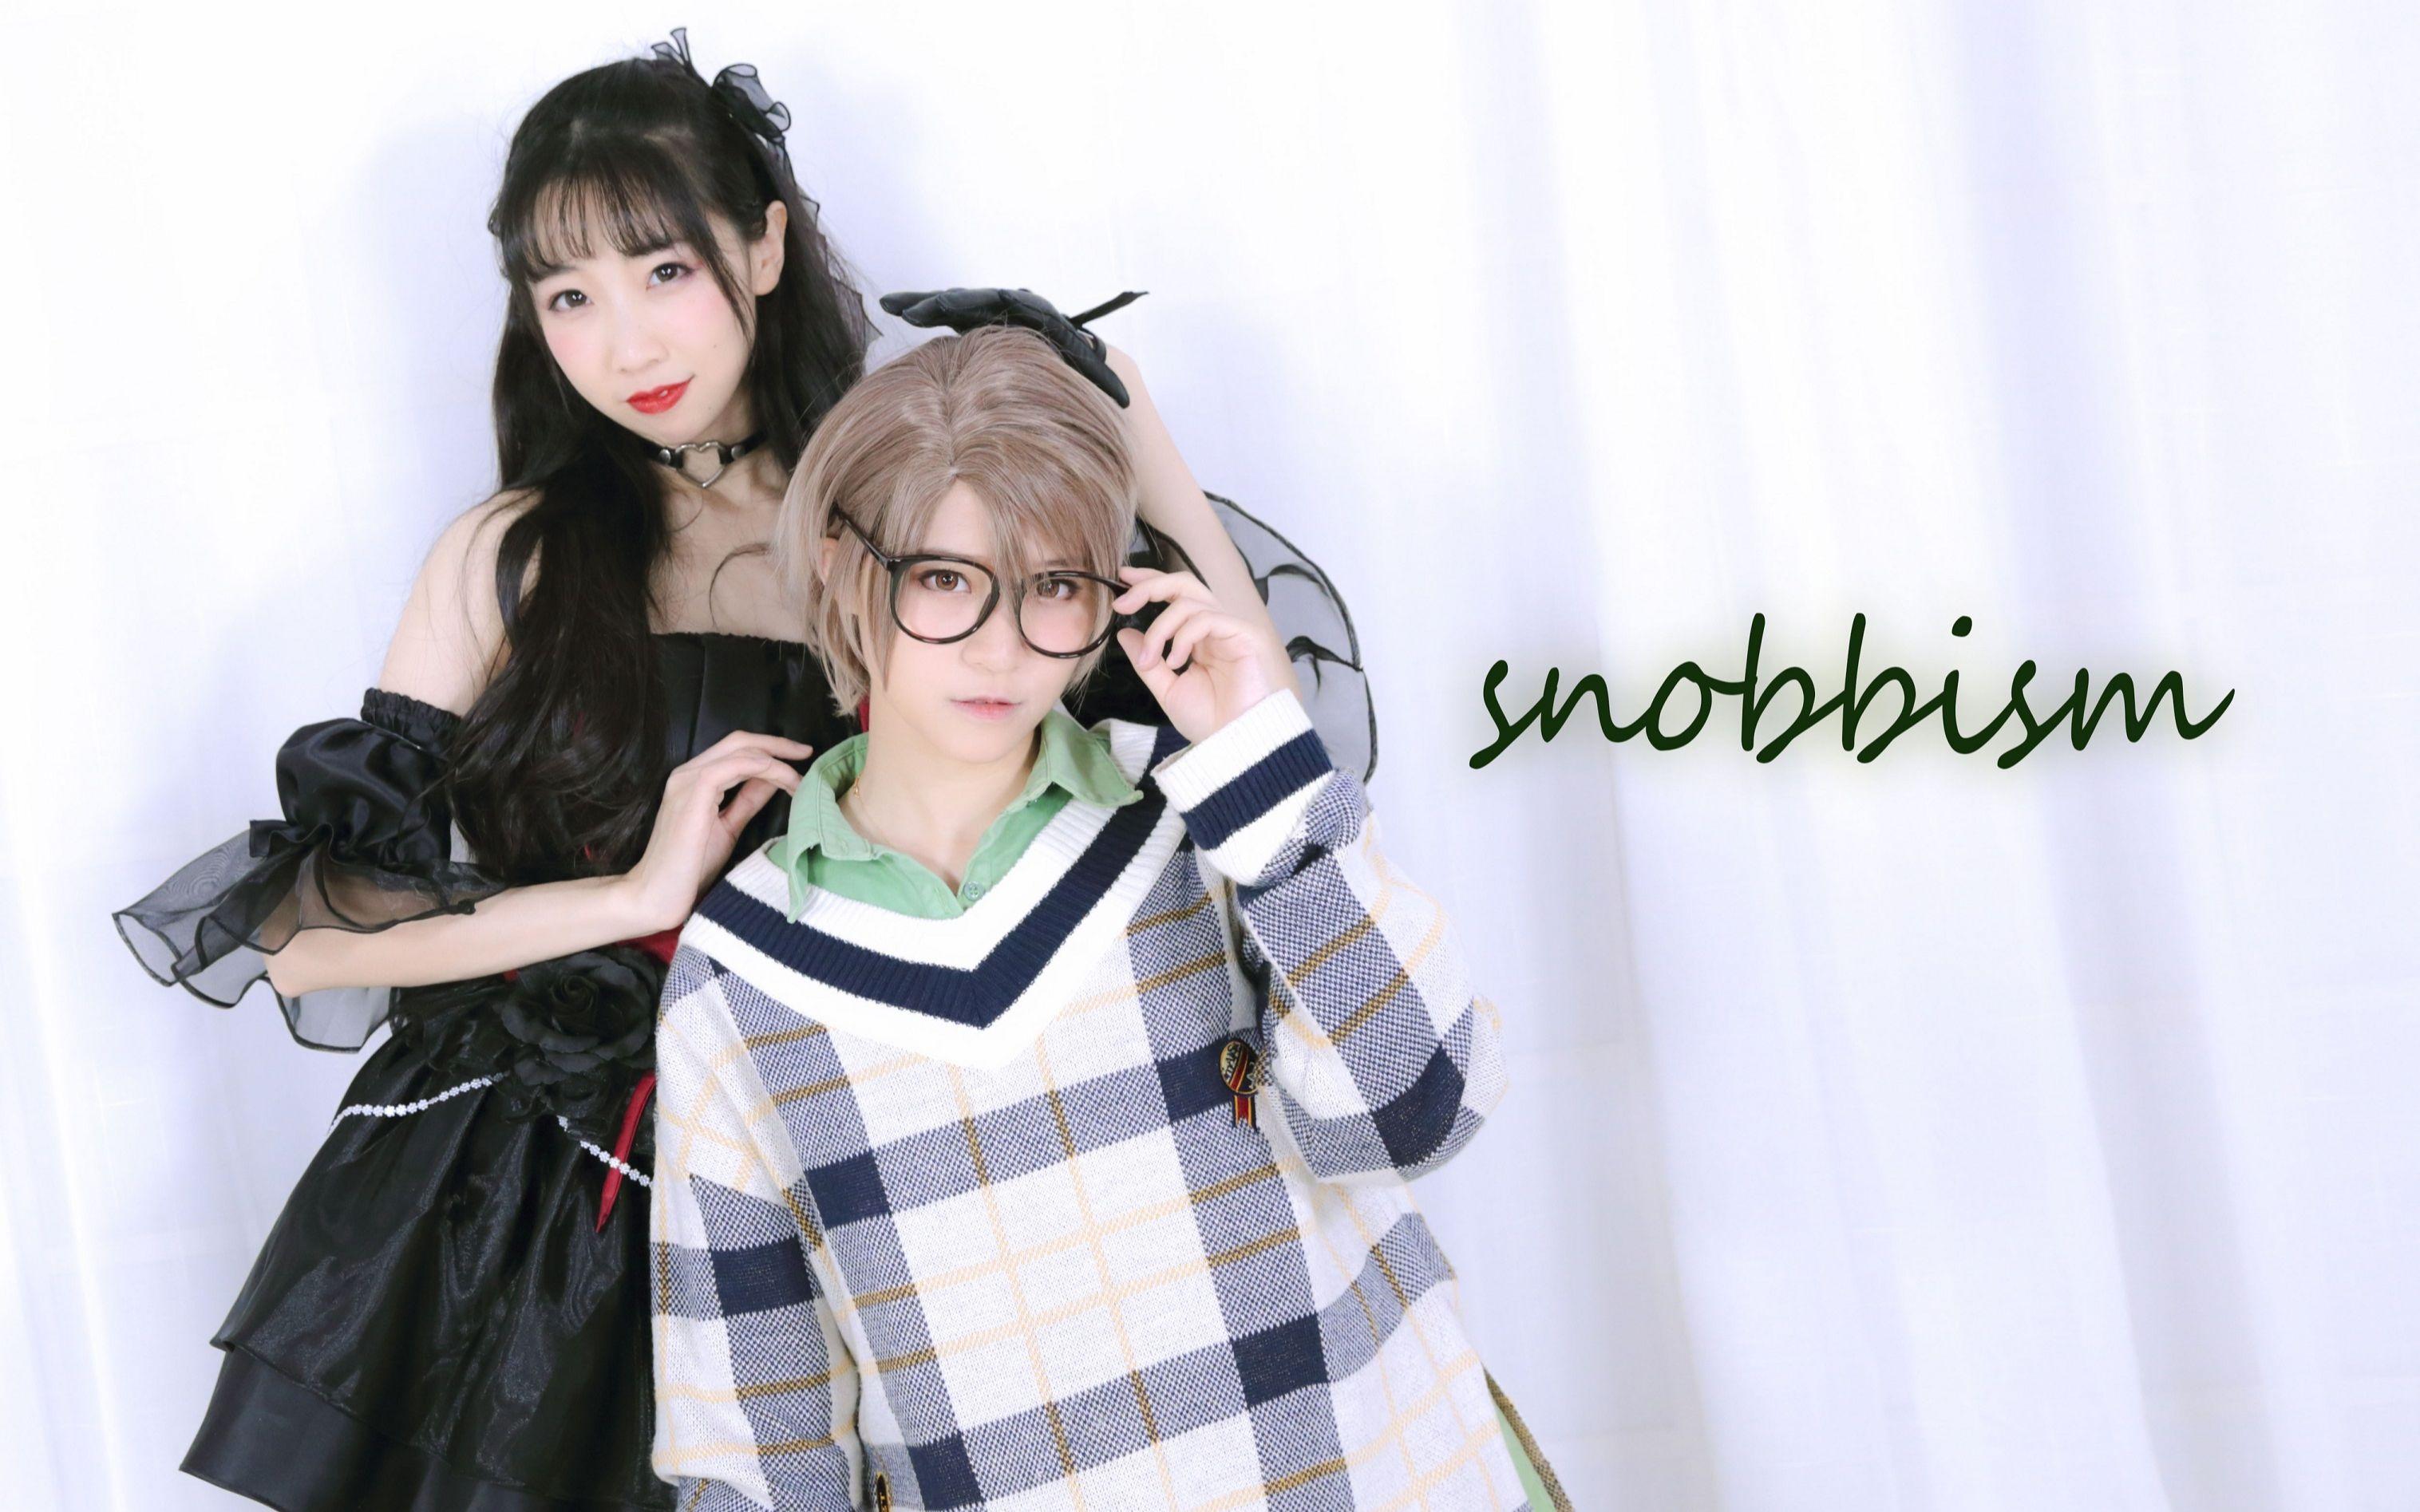 【西四×浩浩】SNOBBISM【原创编舞】